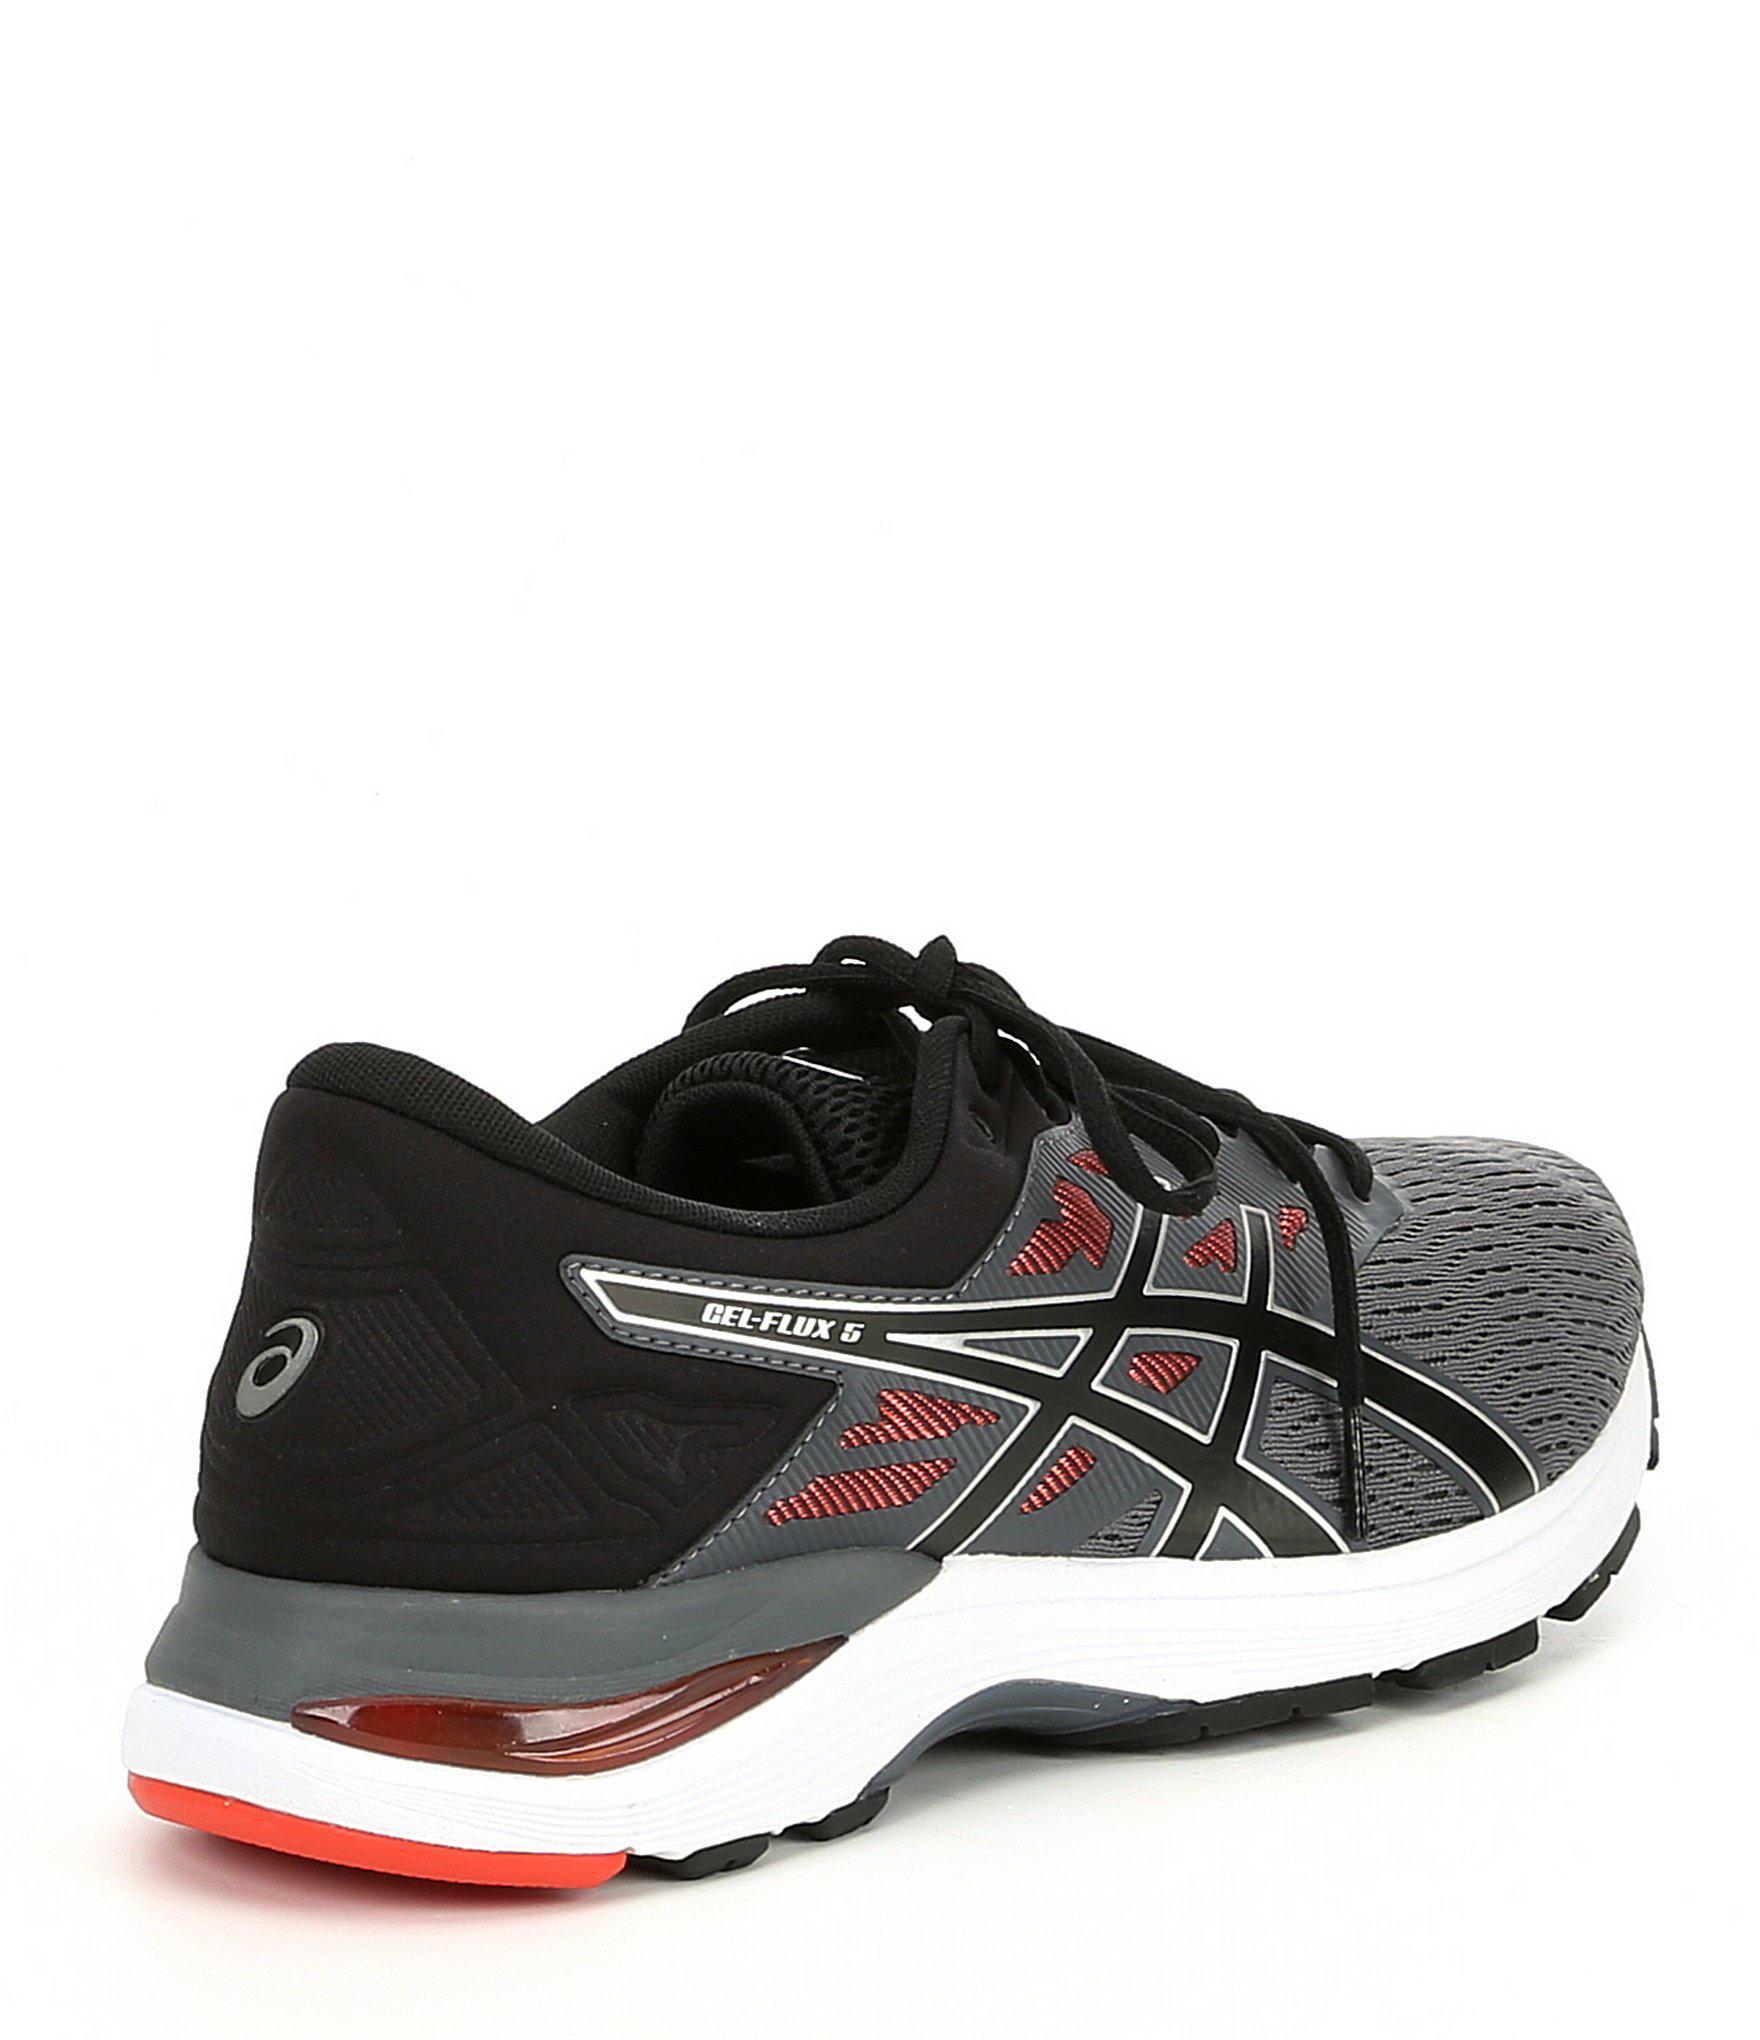 dc2971b4c2b Lyst - Asics Men's Gel-flux 5 Running Shoes in Black for Men